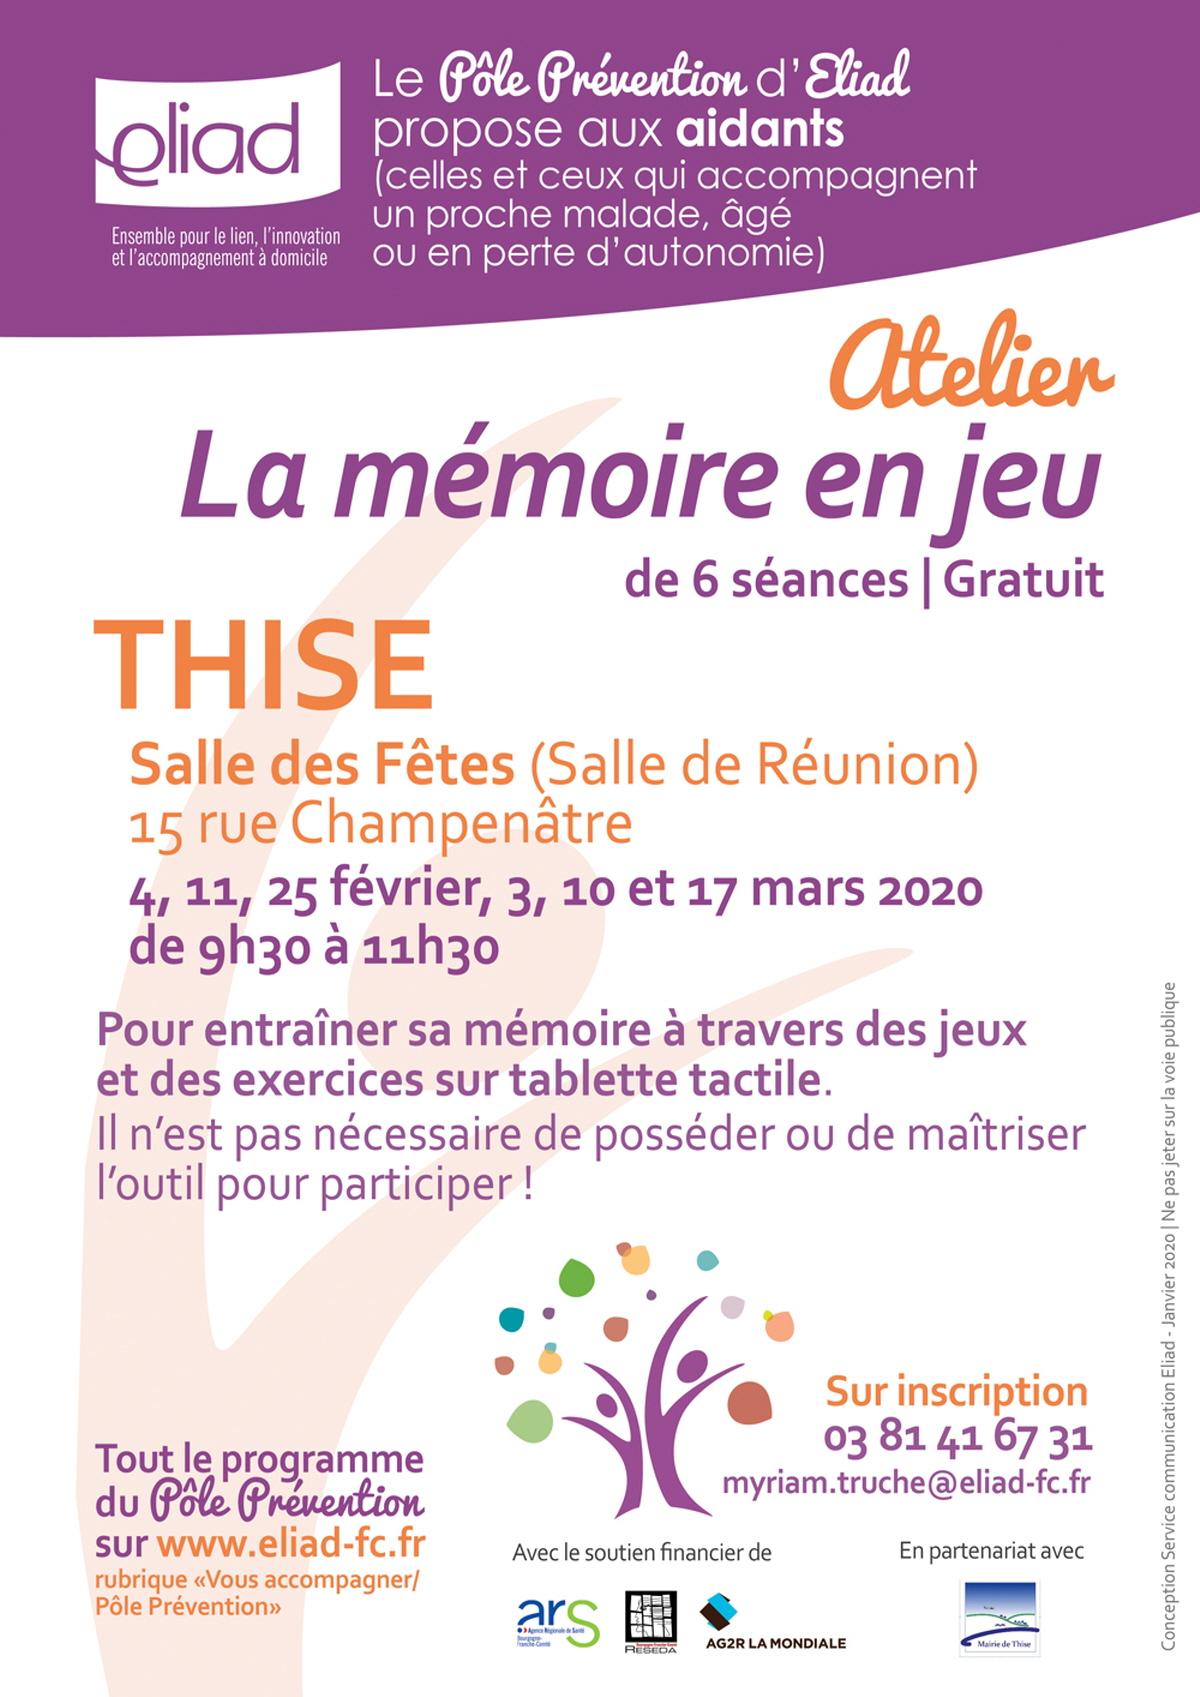 La Memoire En Jeu» : Rencontre, Conference A Thise à Jeux Gratuit De Memoire